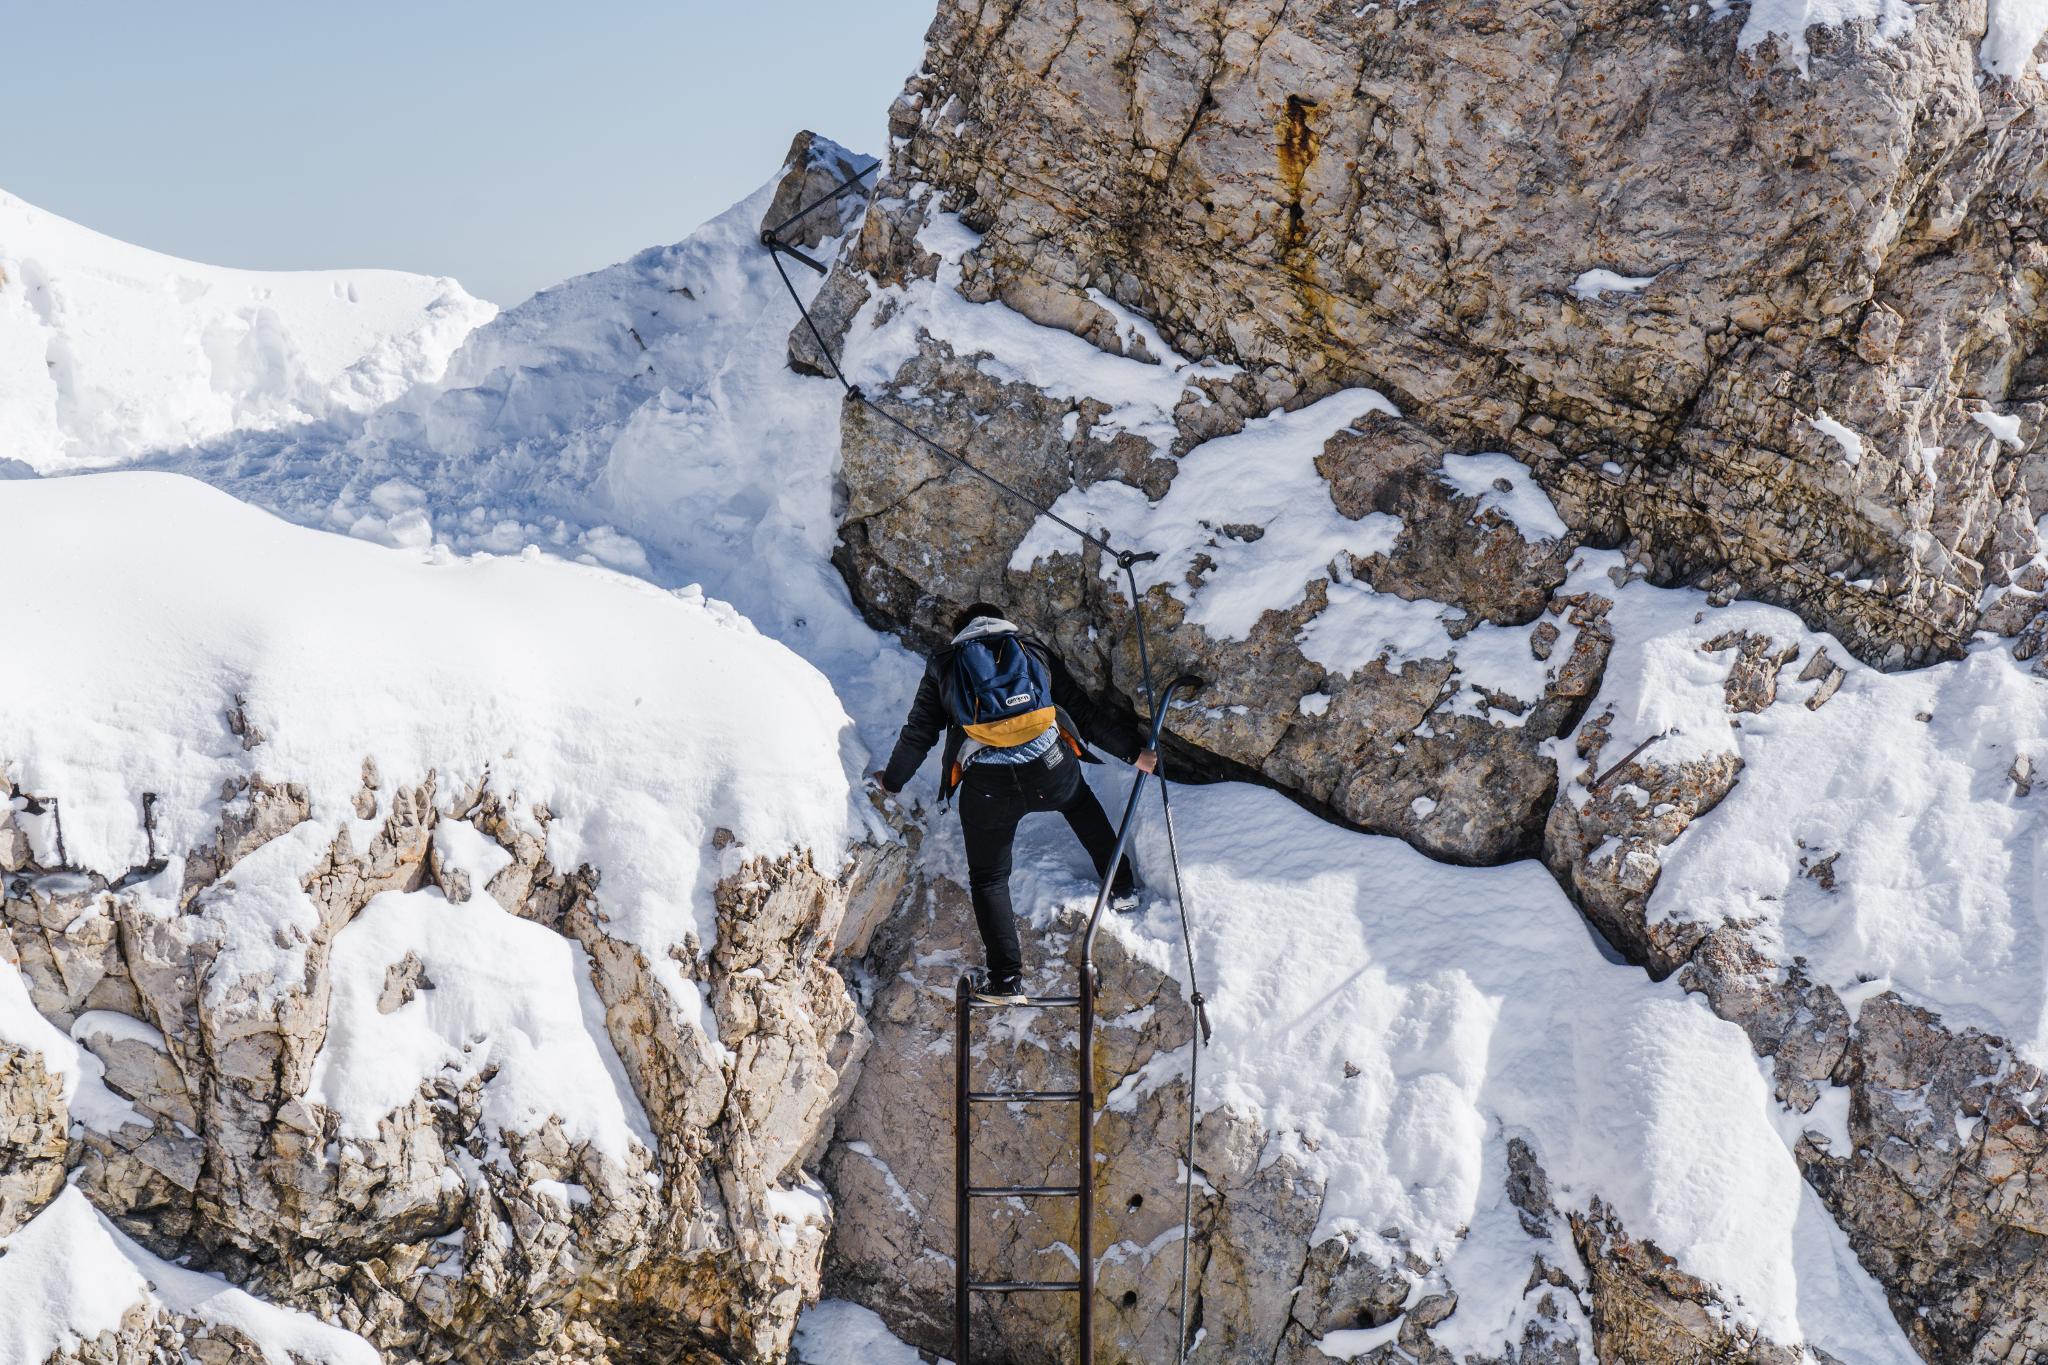 【德國】阿爾卑斯大道:楚格峰 (Zugspitze) 登上德國之巔 59